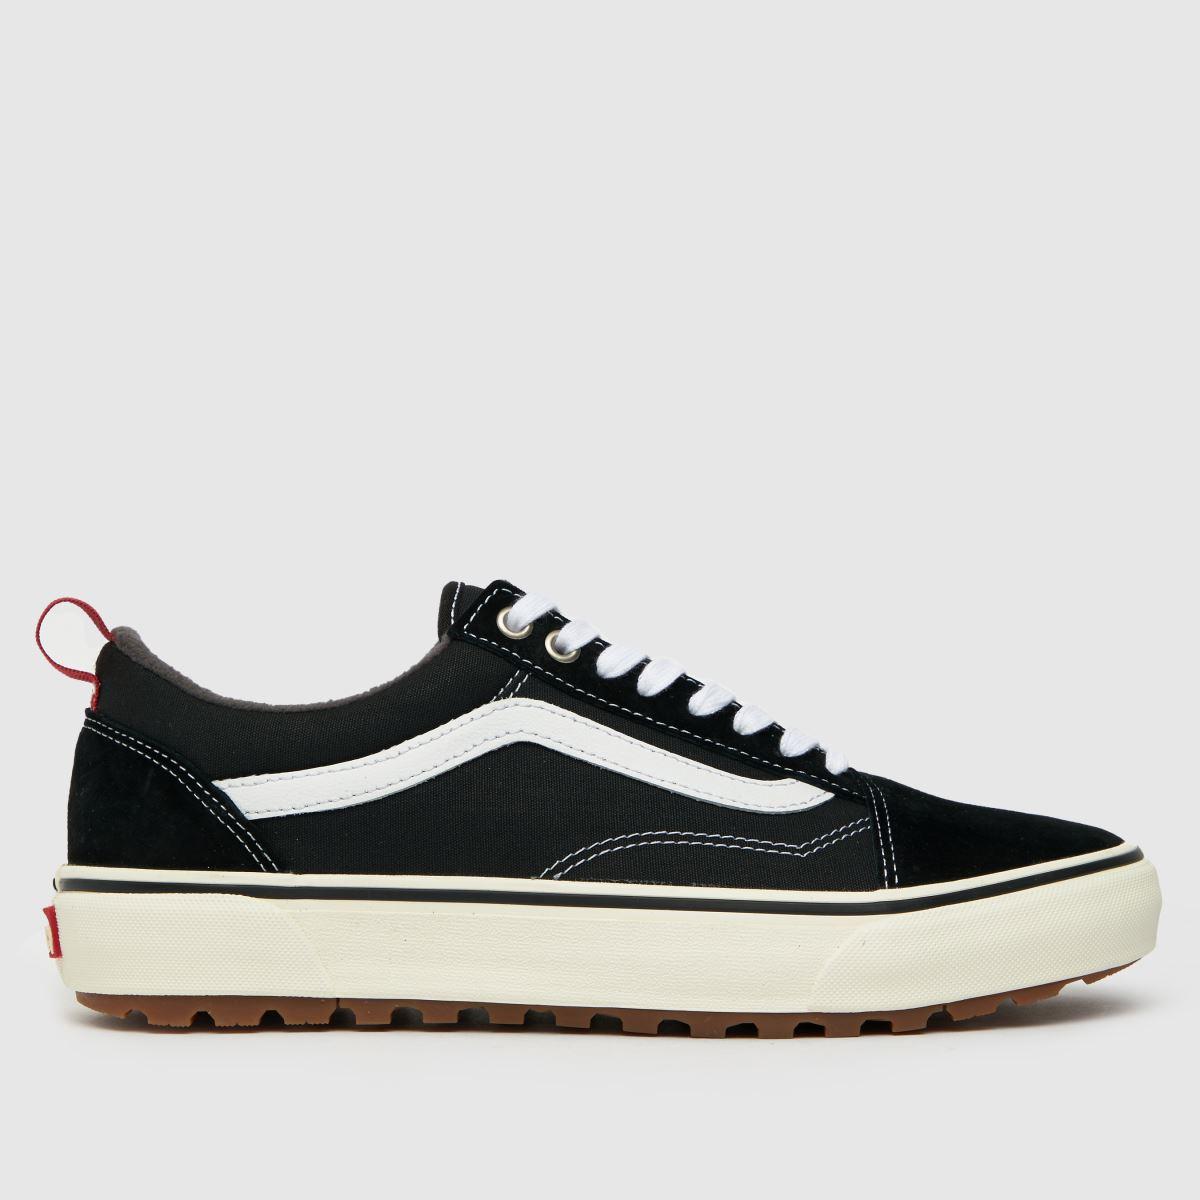 Vans Black & White Old Skool Mte-1 Trainers